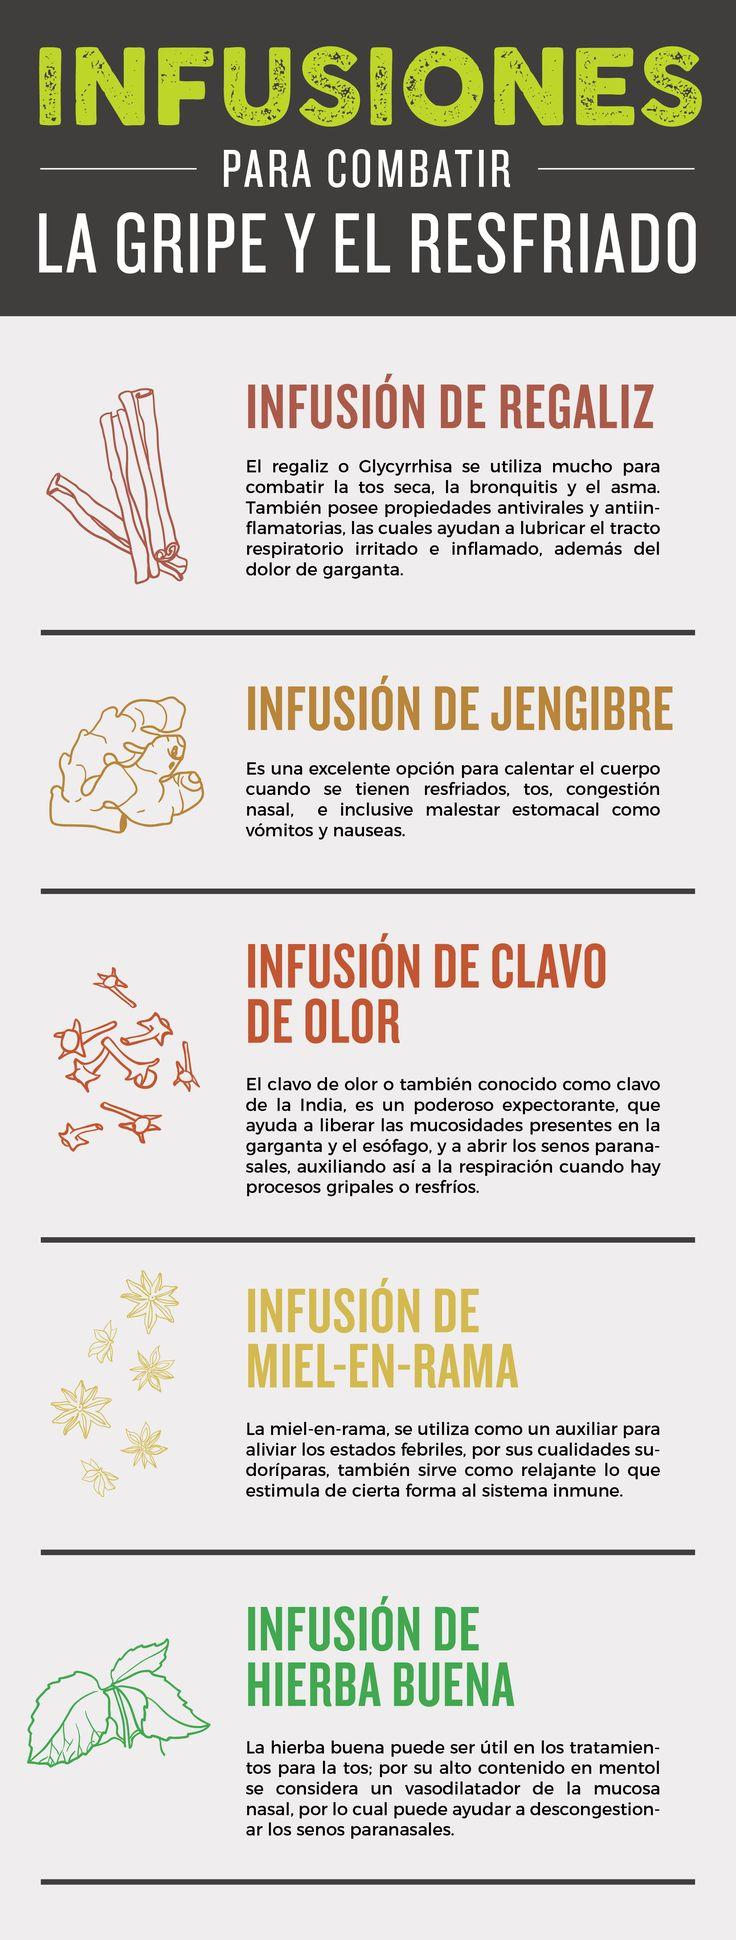 5 tés e infusiones para combatir la gripe y el resfriado Gloria Amparo Rodriguez